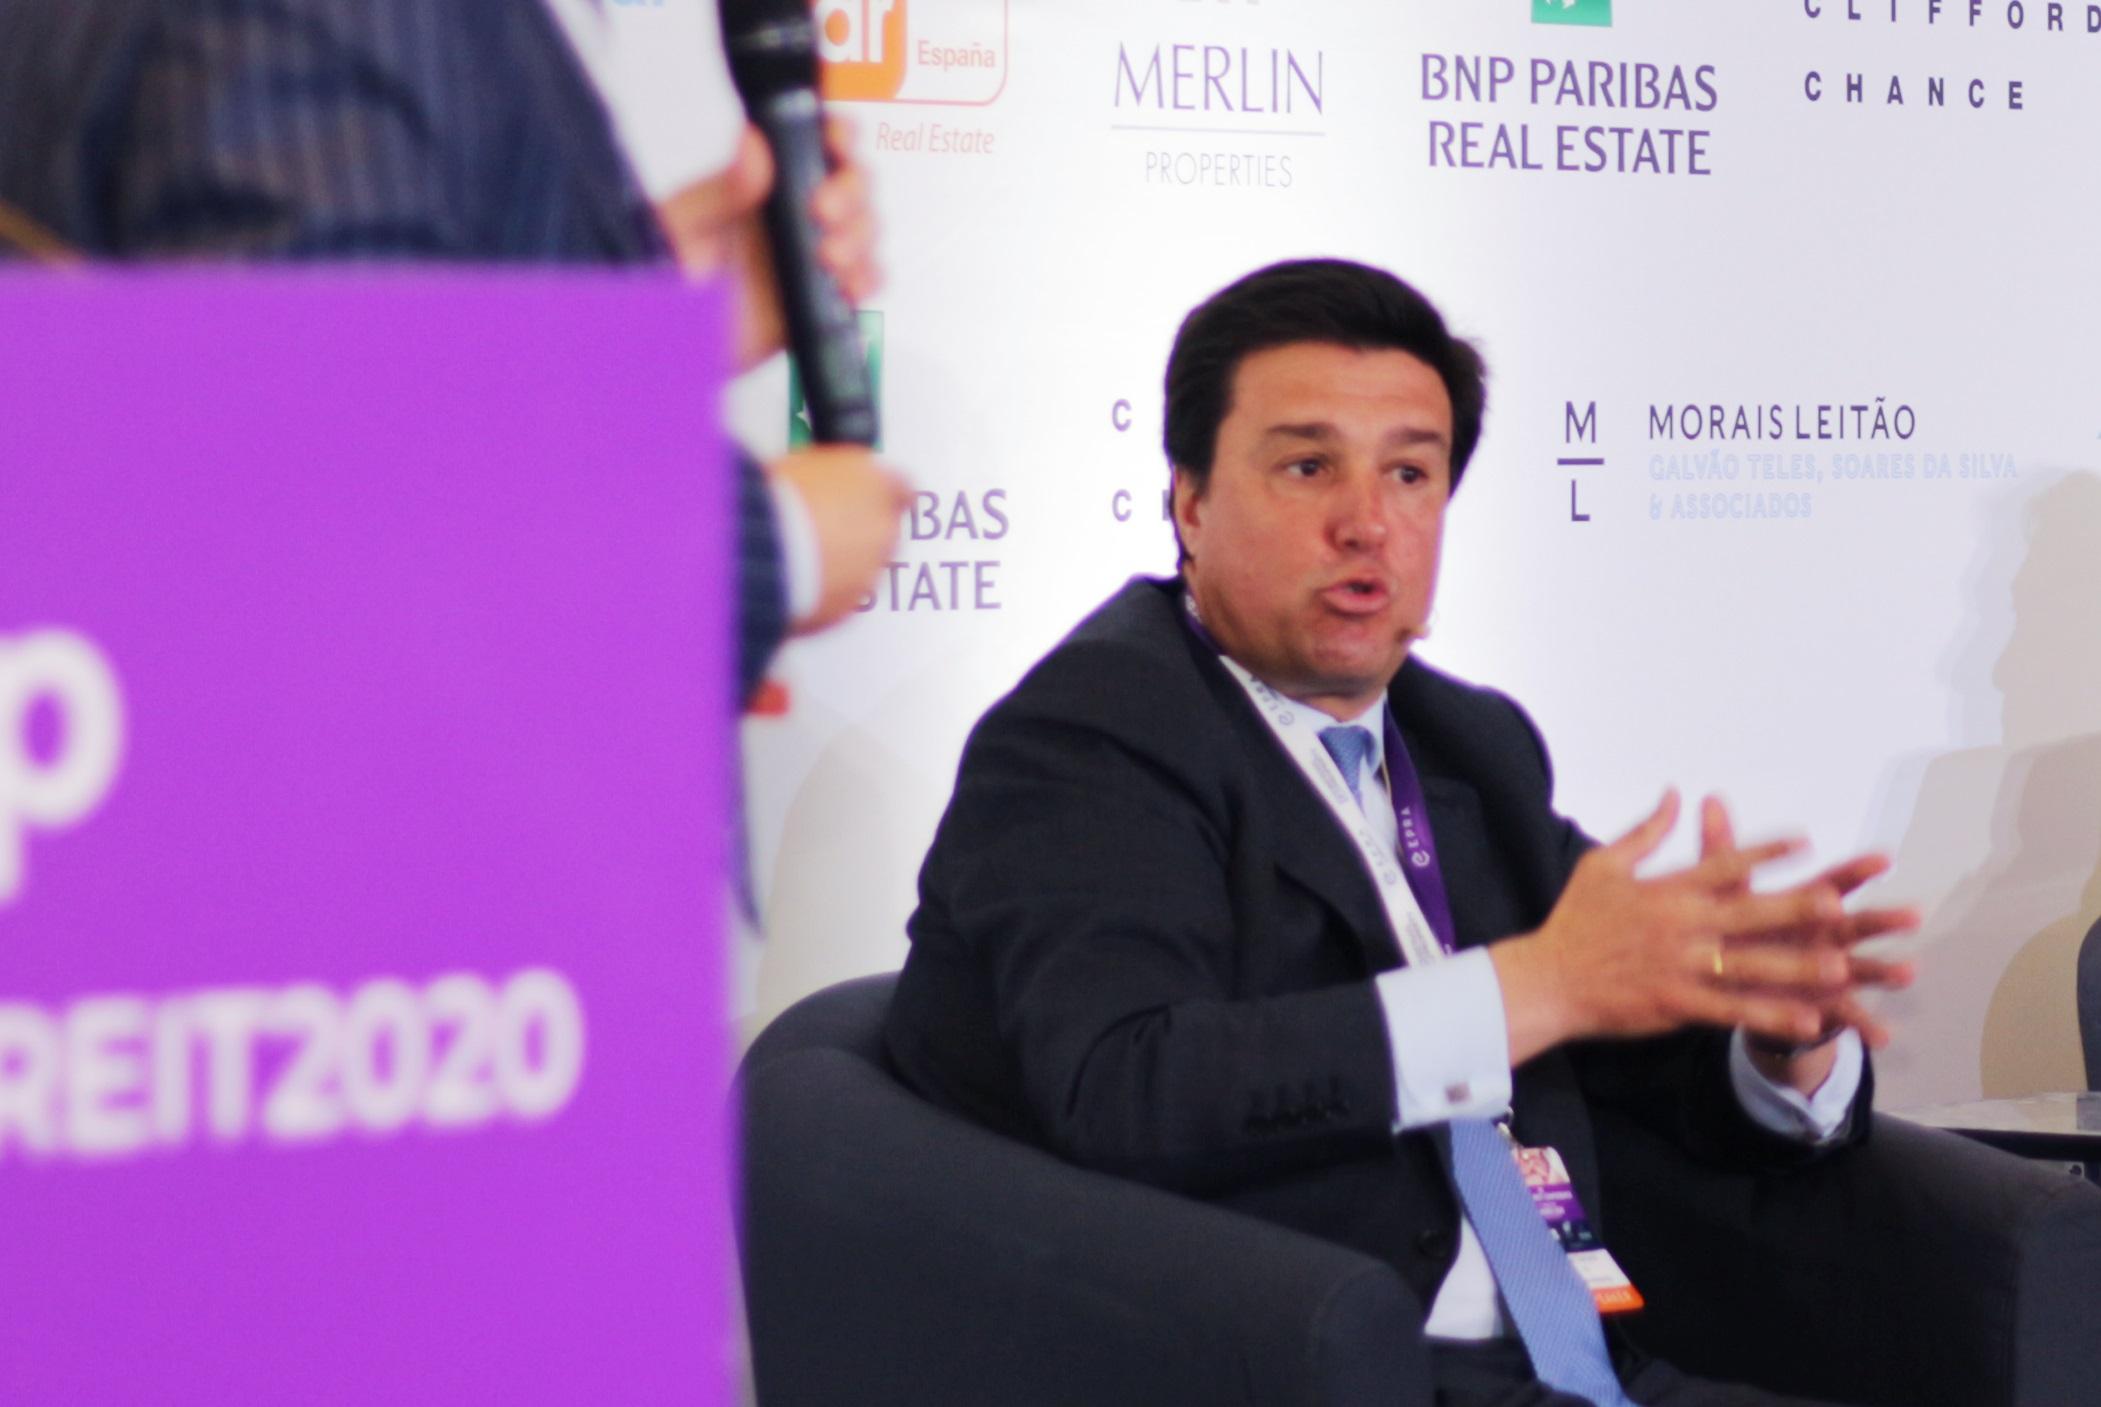 Ismael Clemente, CEO de Merlin / Merlin